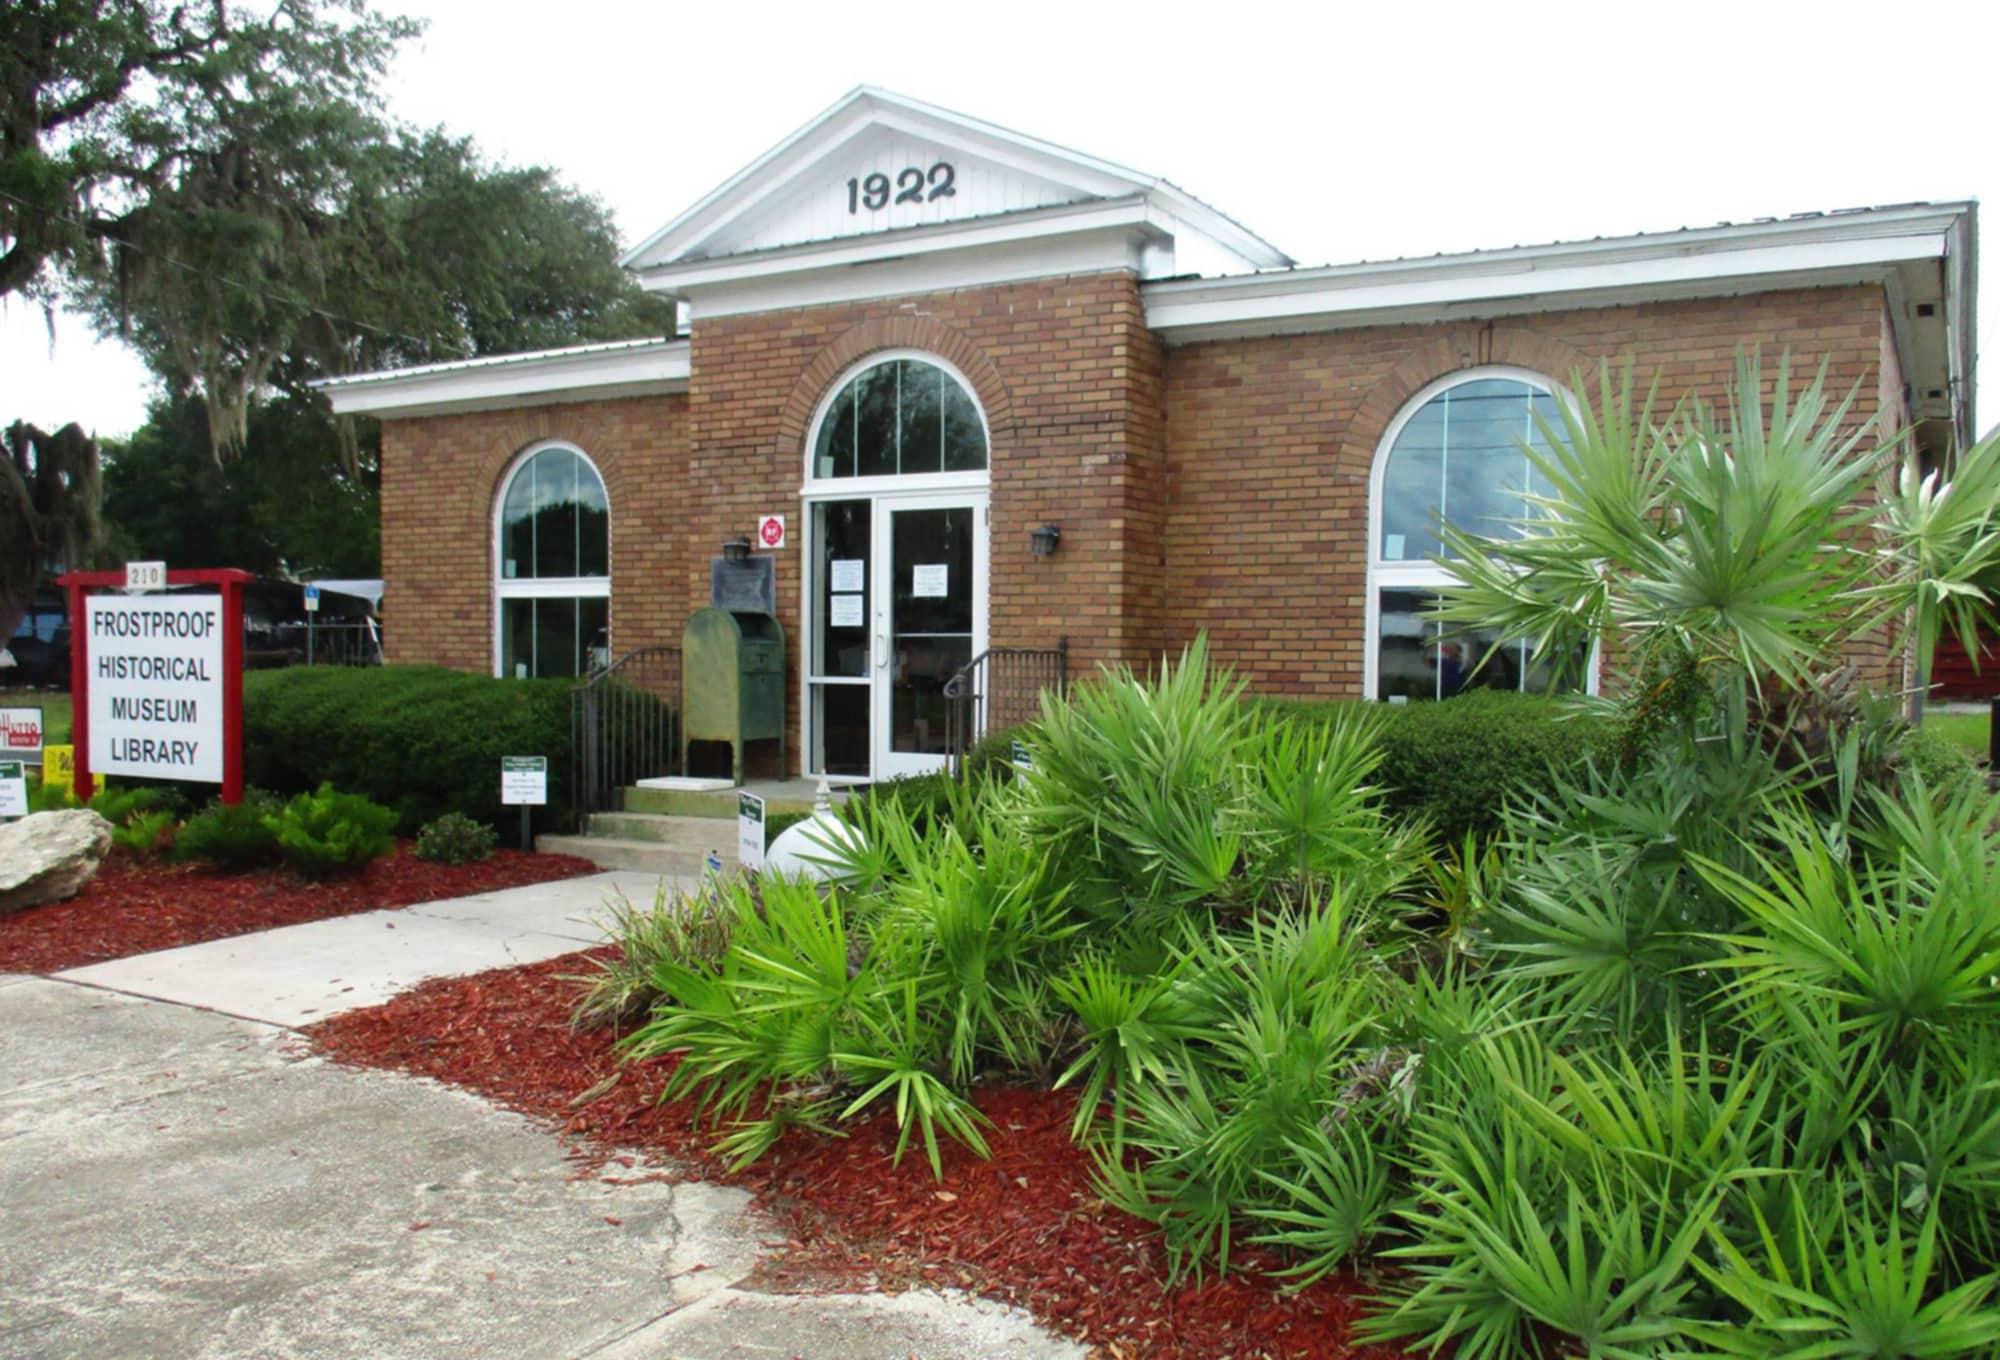 Exterior of Frostproof Historical Museum in Frostproof, FL